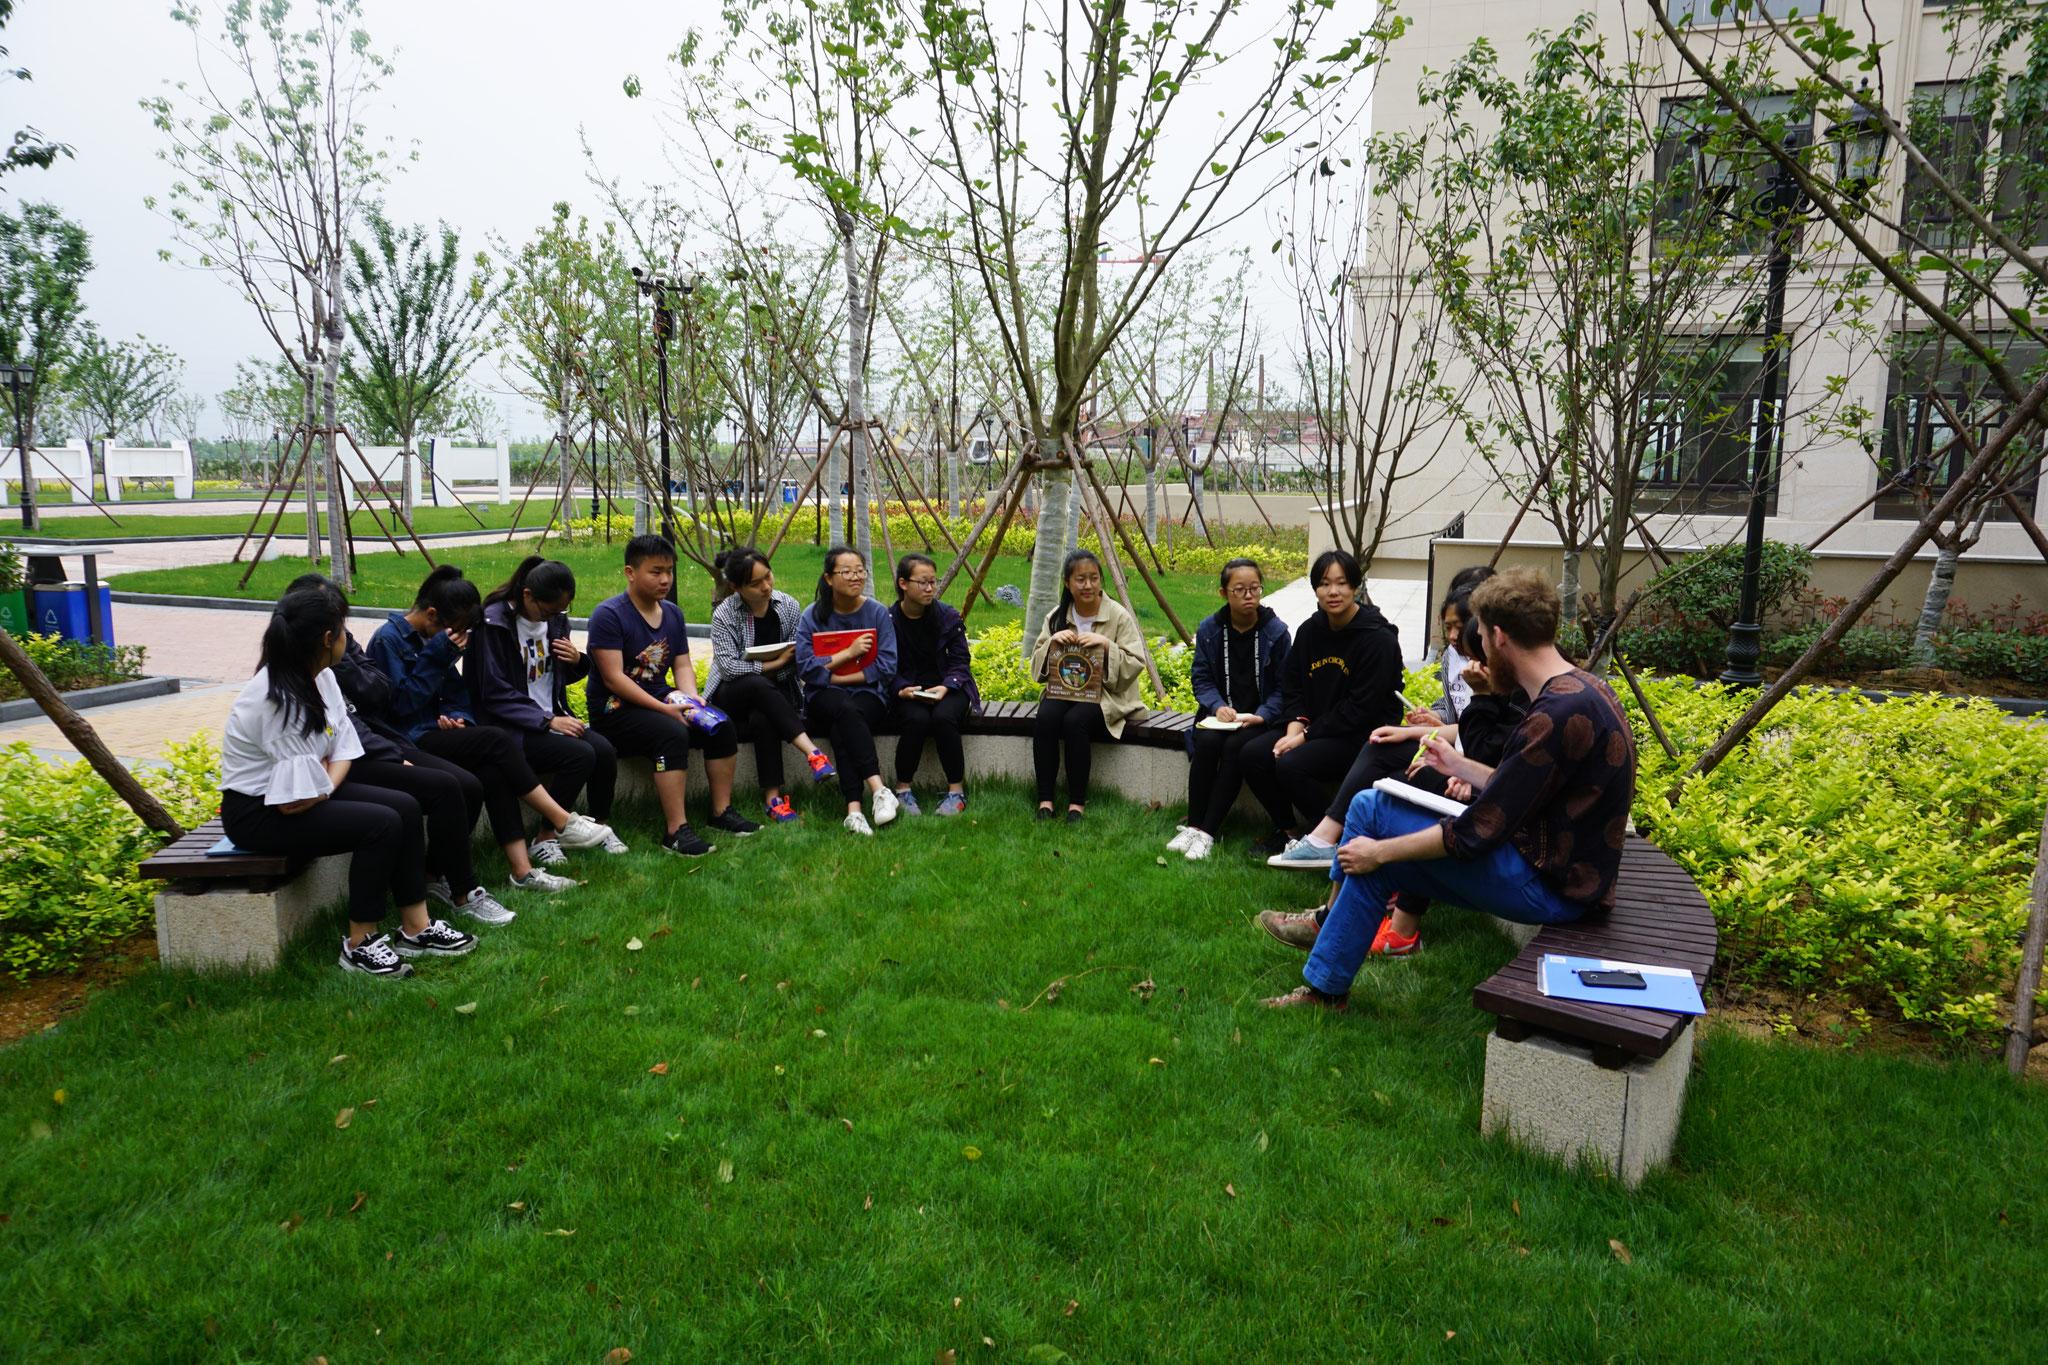 Unterricht im Freien auf dem neuen Campus